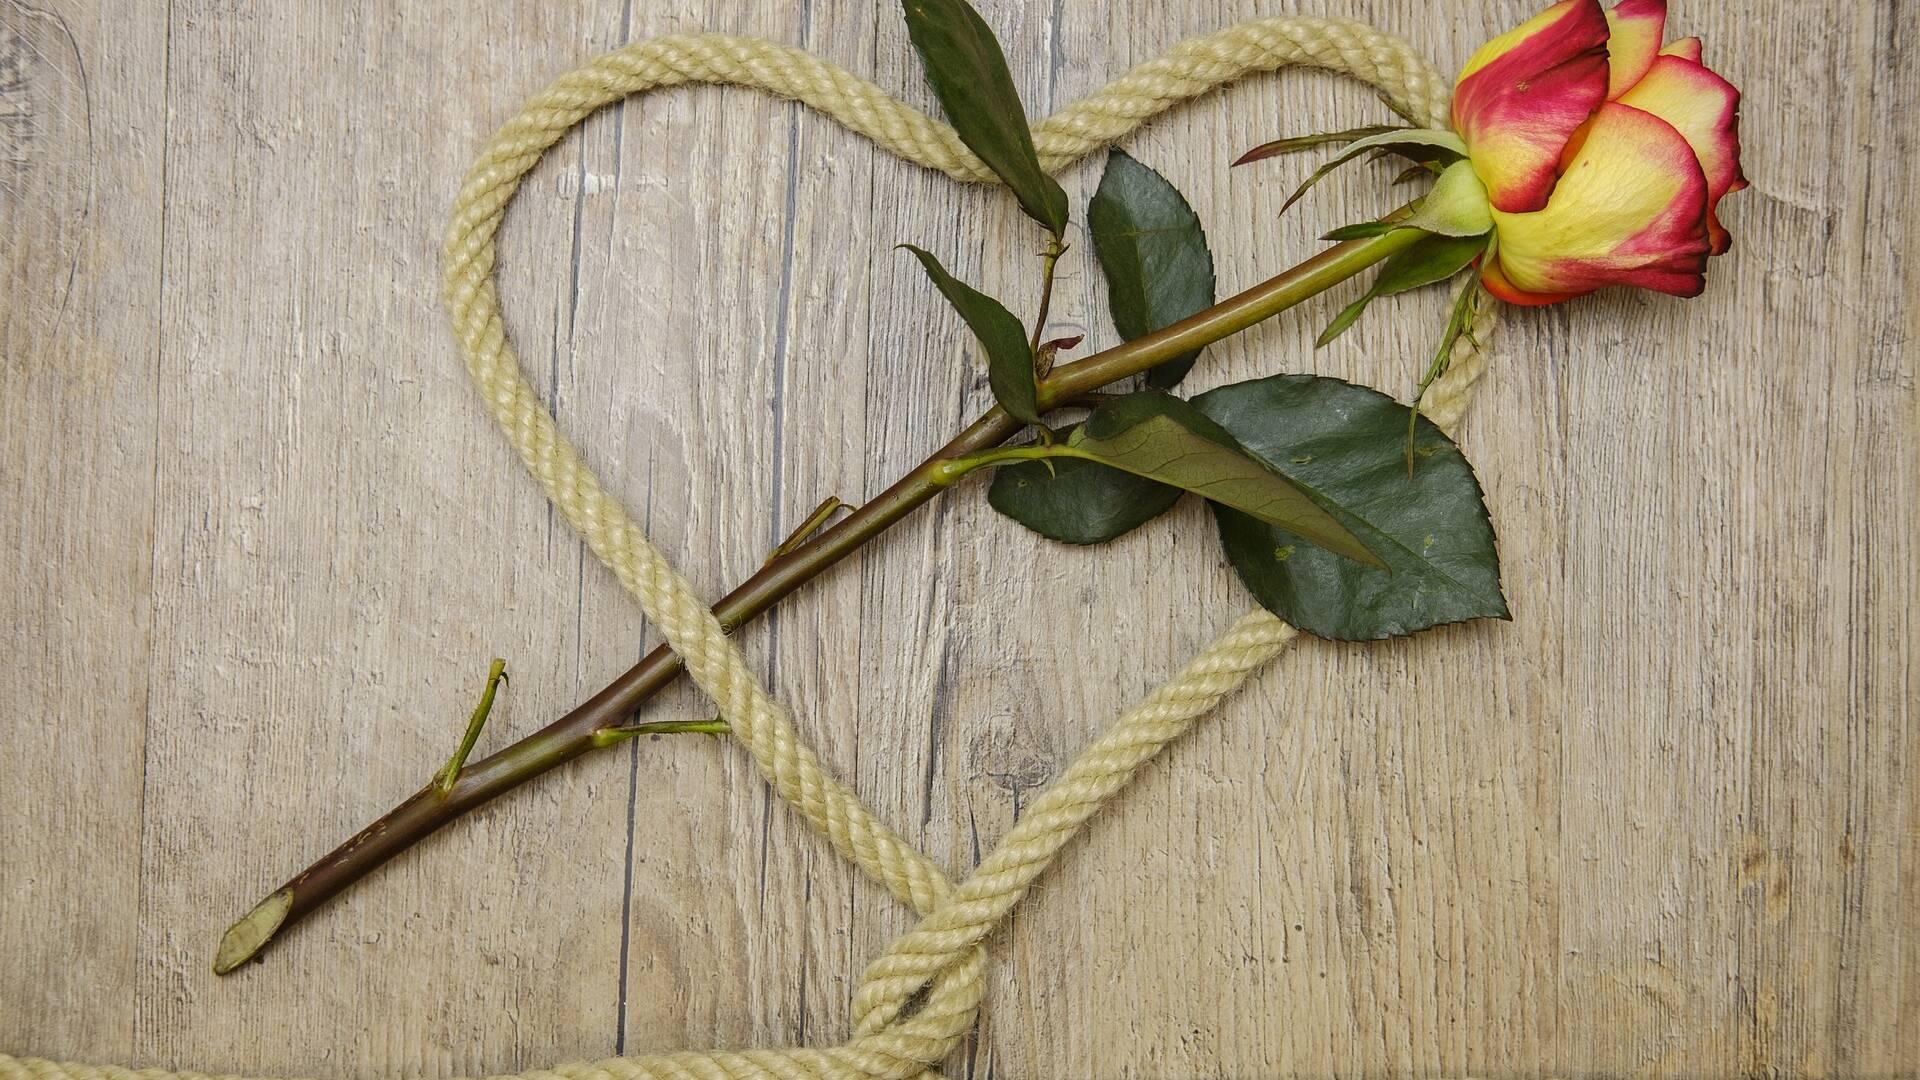 Un cordage pour lui prouver votre amour ? © Pixabay